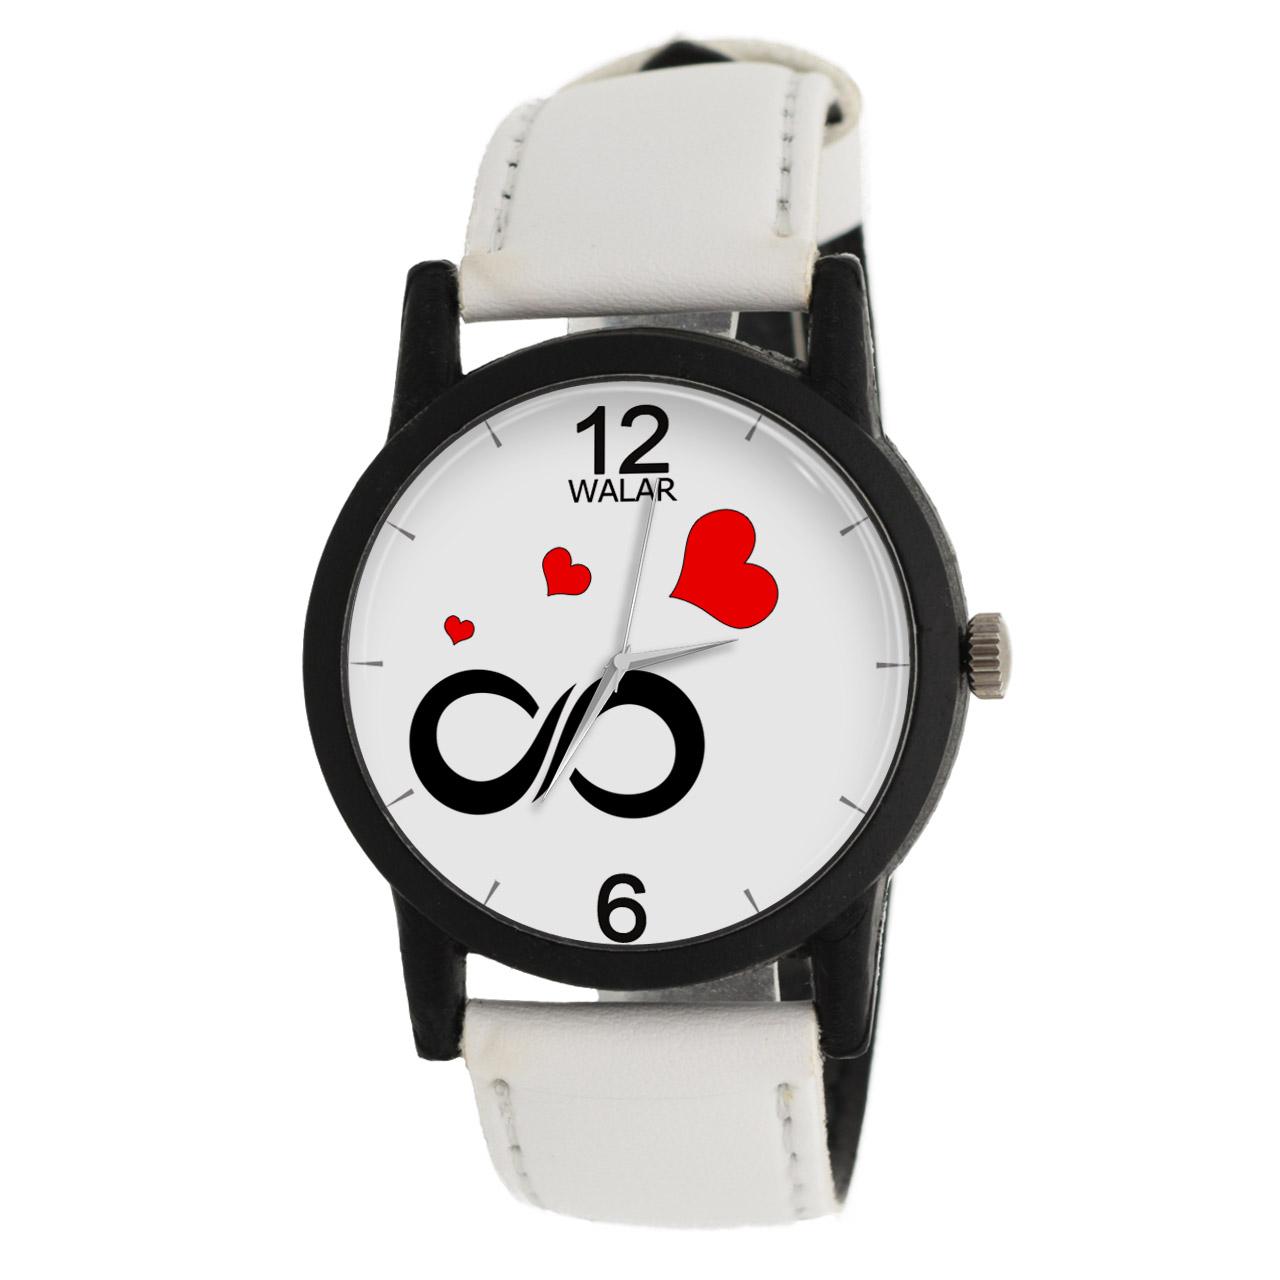 ساعت مچی عقربه ای زنانه والار طرح بی نهایت مدل LF1474